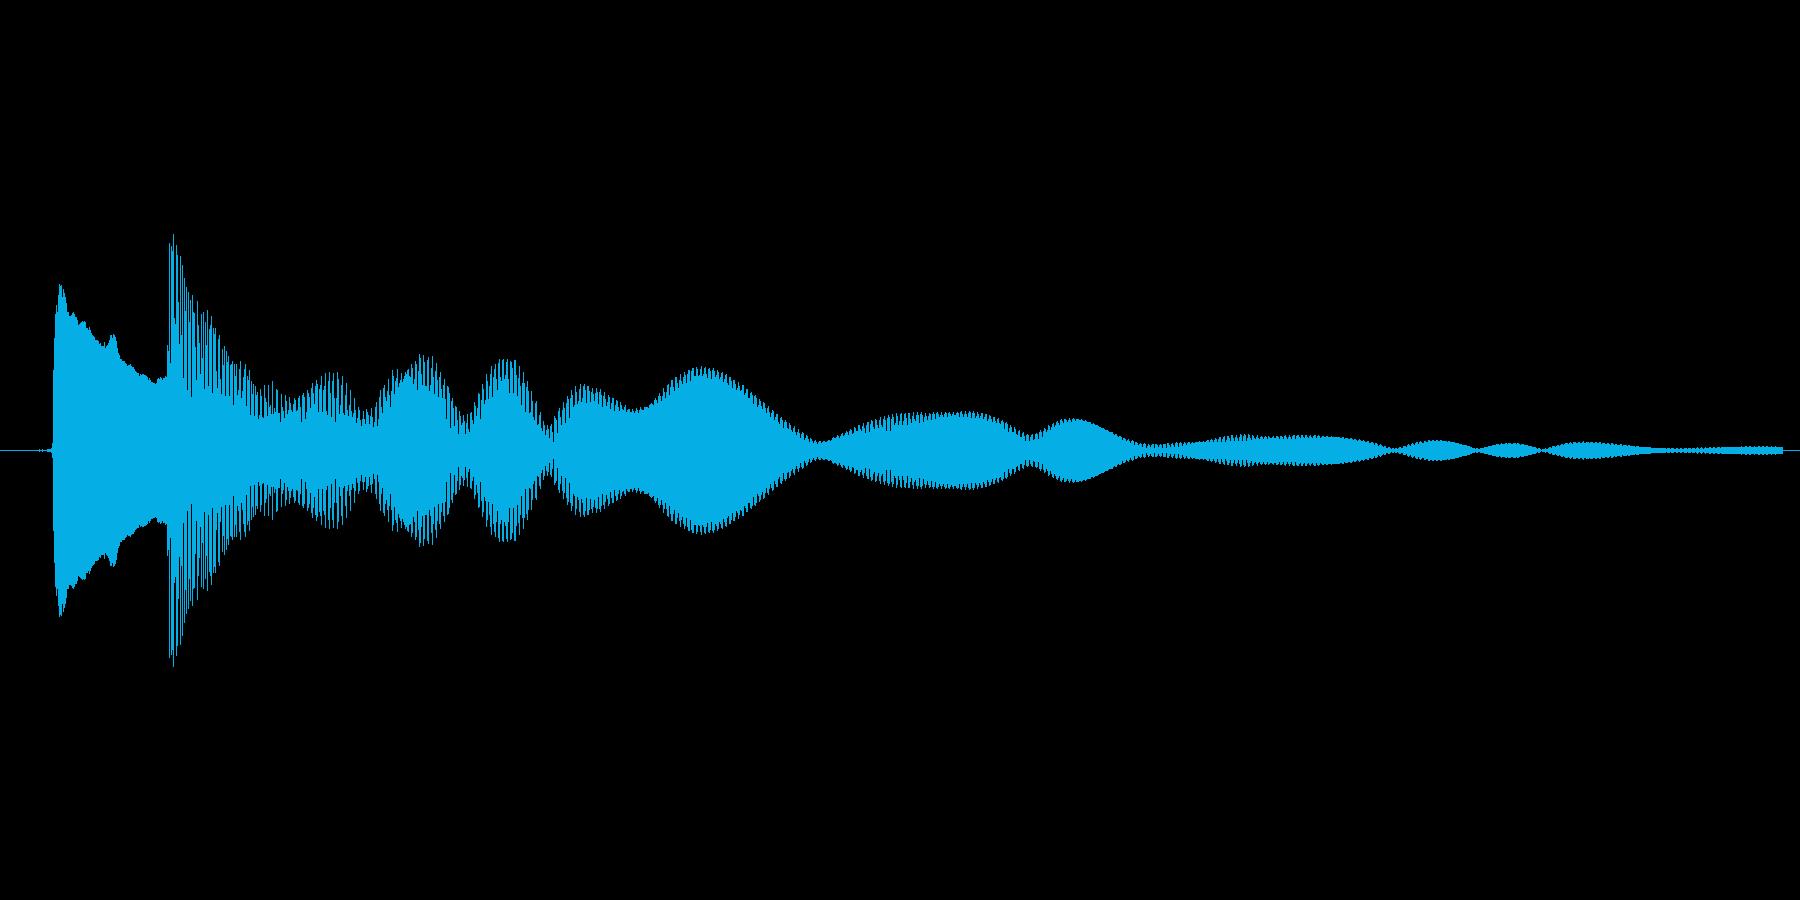 ゲーム、クイズ(ピンポン音)_002の再生済みの波形